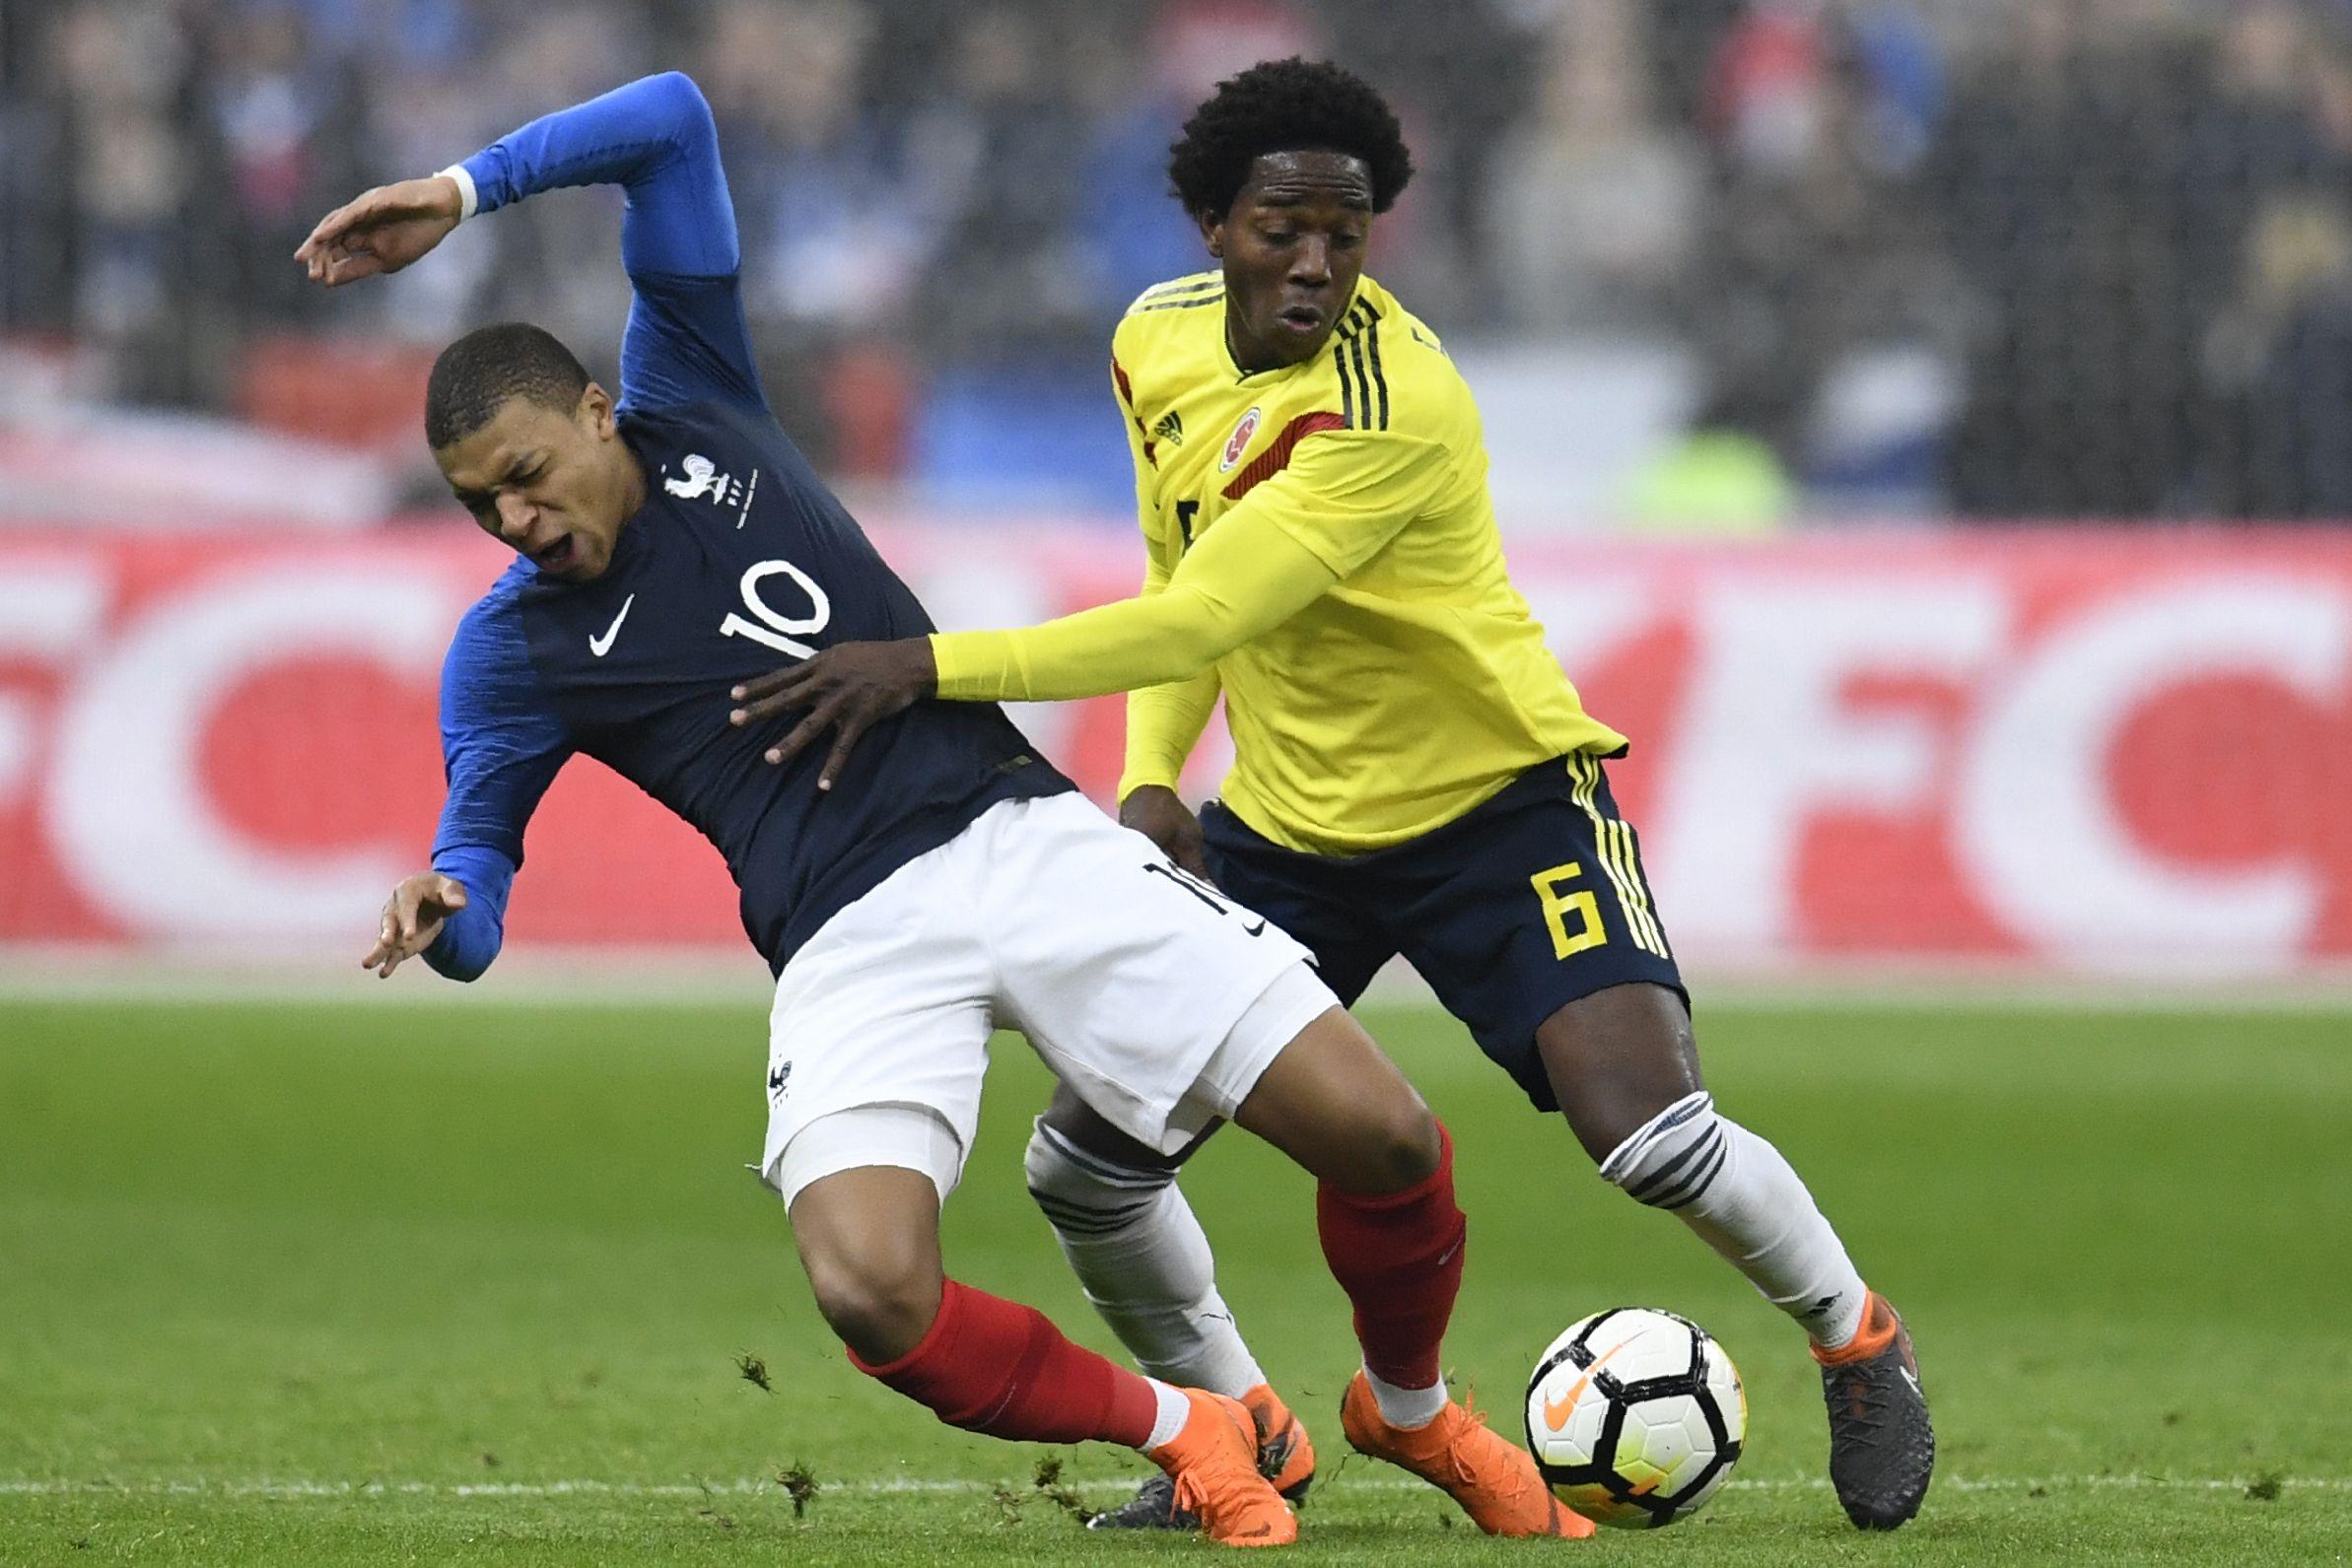 Au mondial le talent des bleus ne suffira pas russie 2018 coupe du monde football - Coupe du monde resultats ...